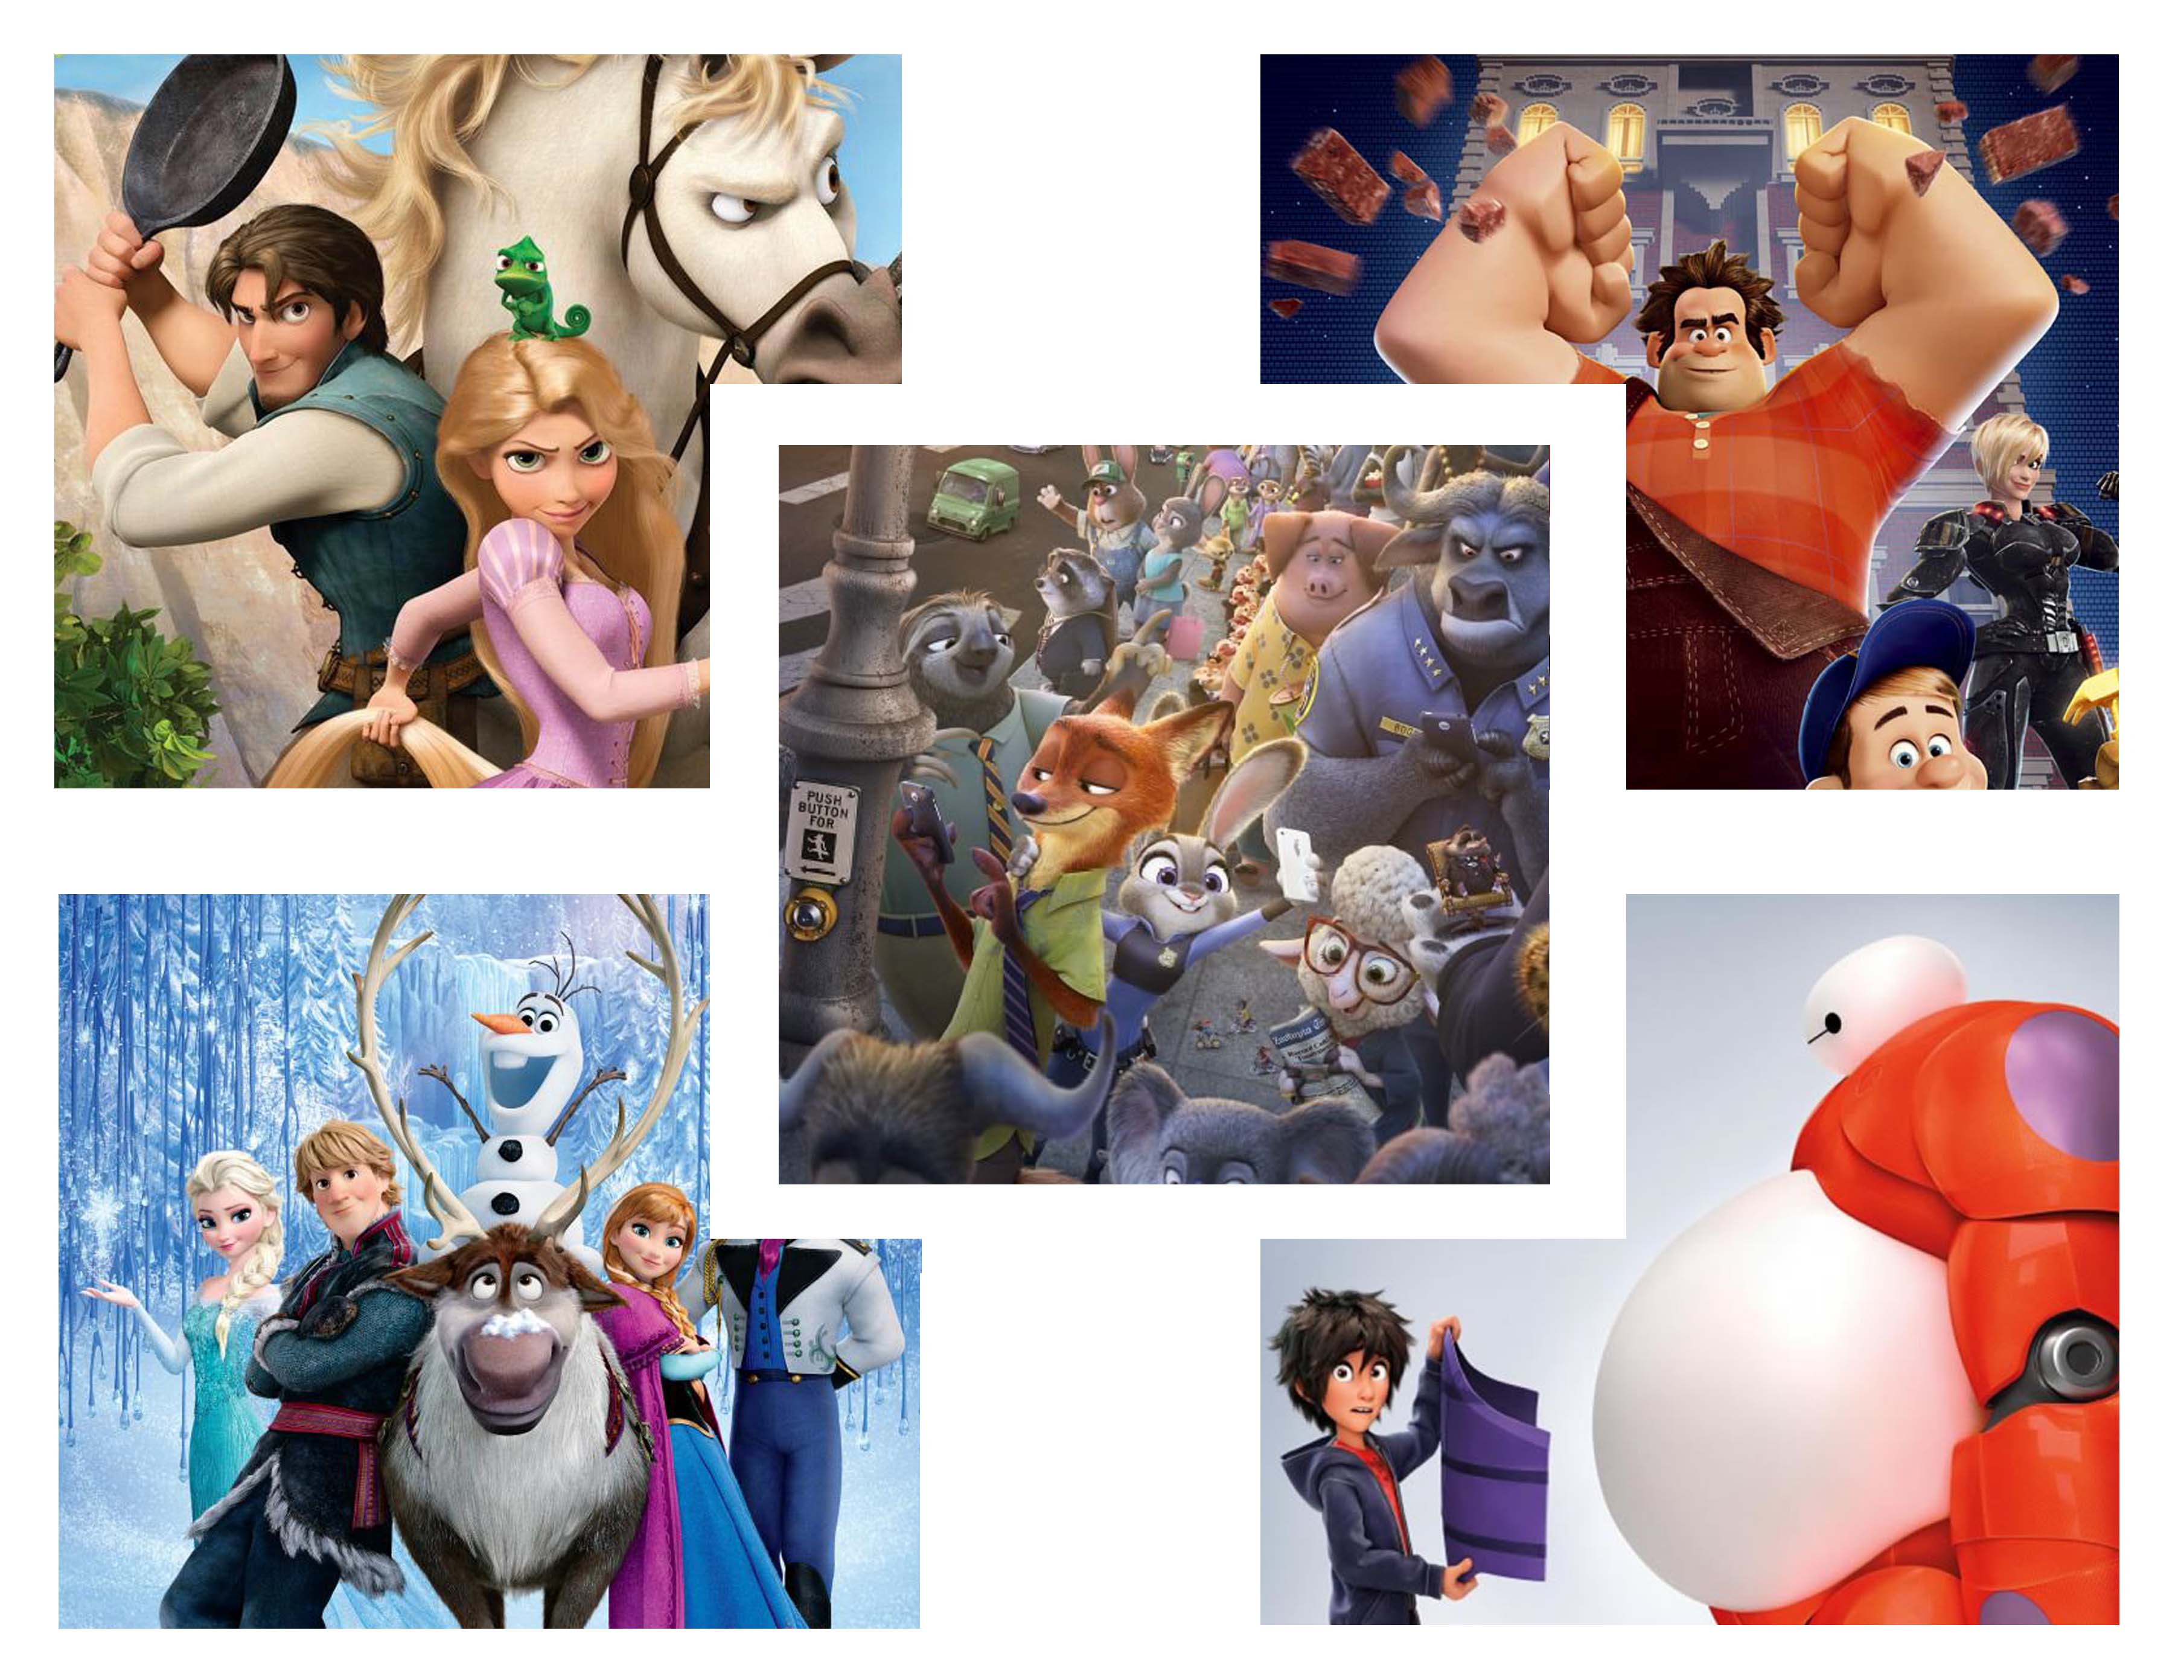 Disney 3.0 : una nuova generazione di eroi